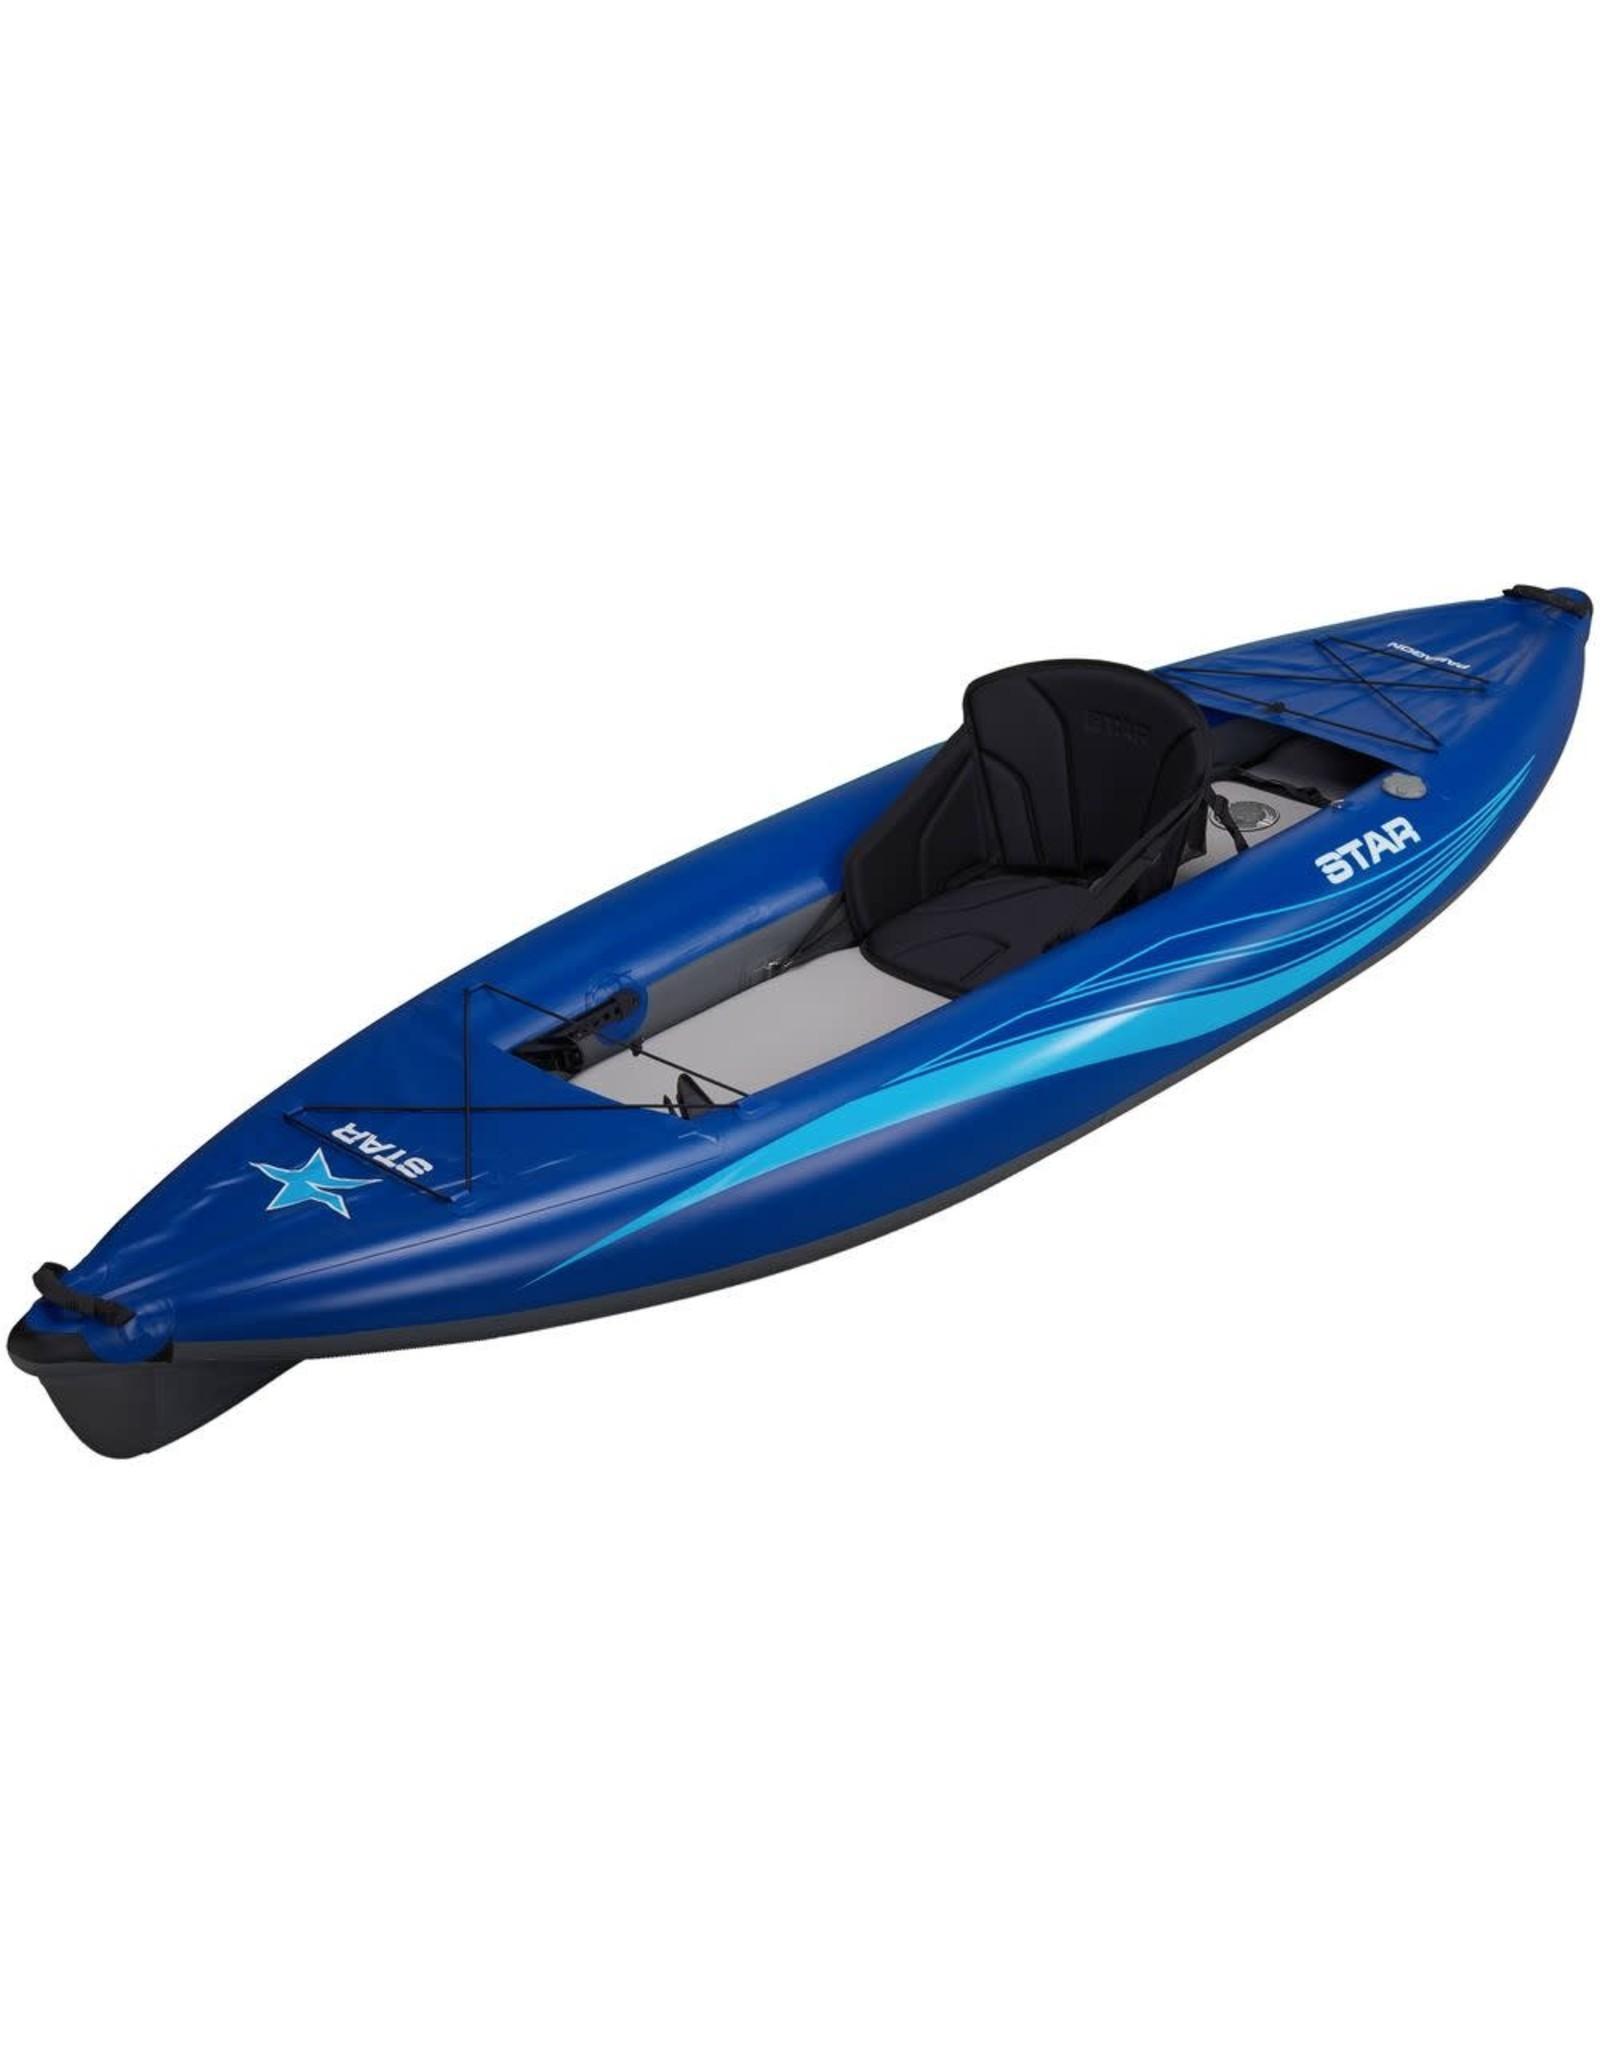 Star Star kayak Paragon gonflable bleu